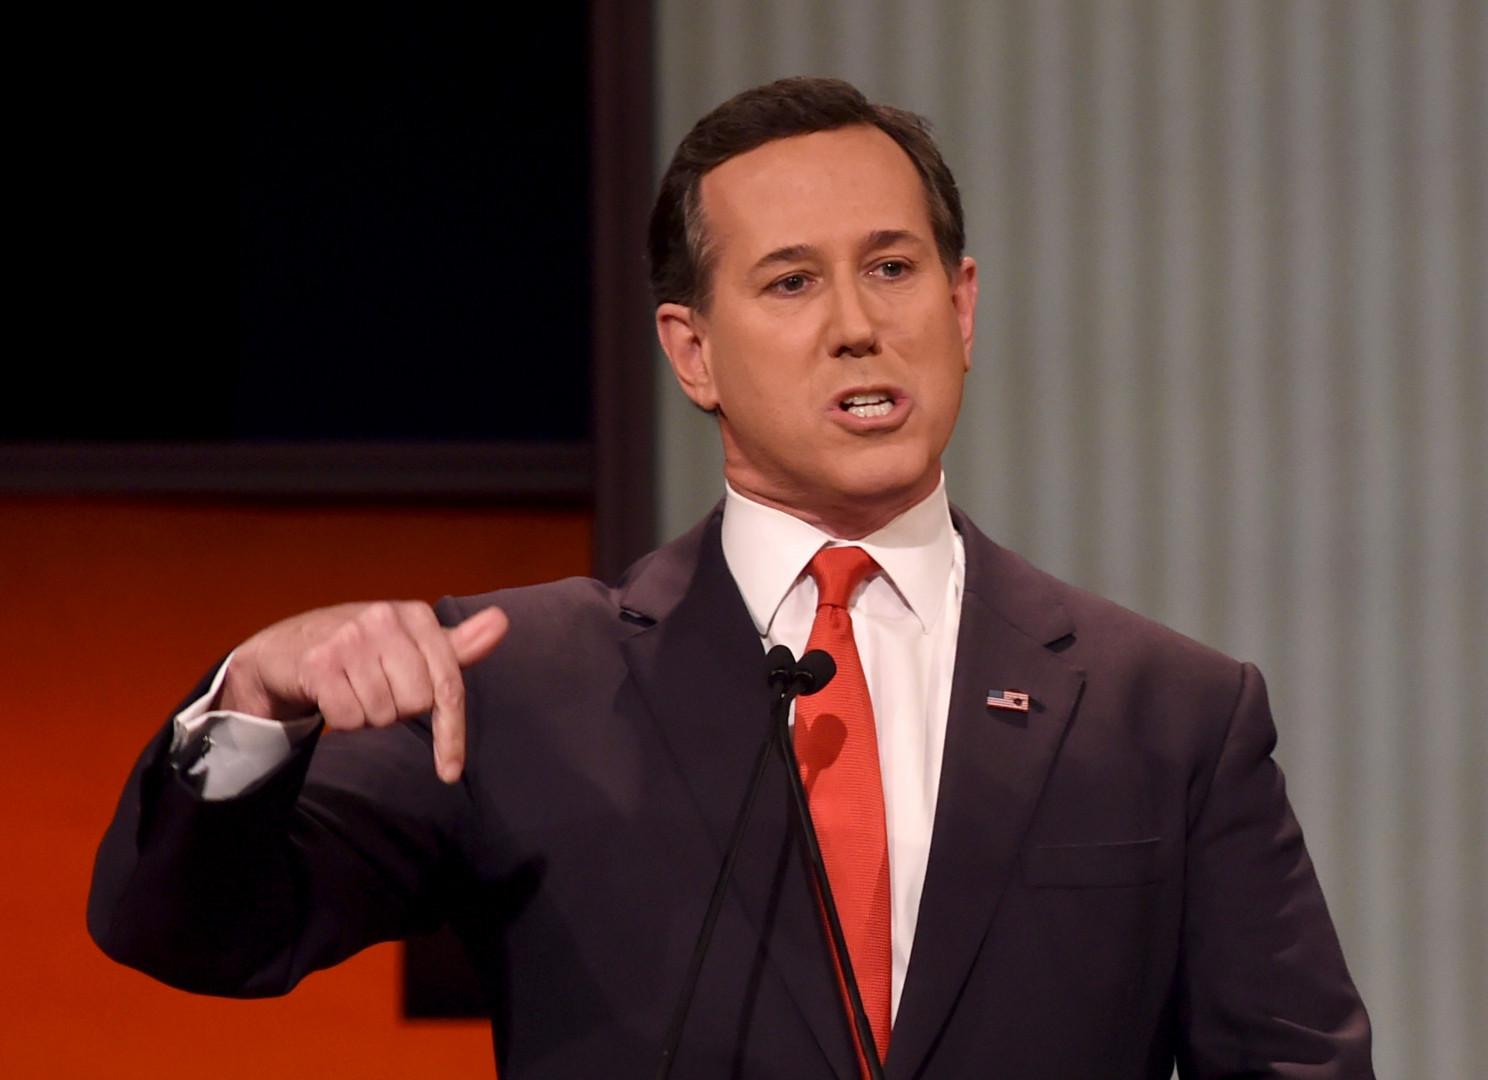 Rick Santorum était candidat à la primaire républicaine